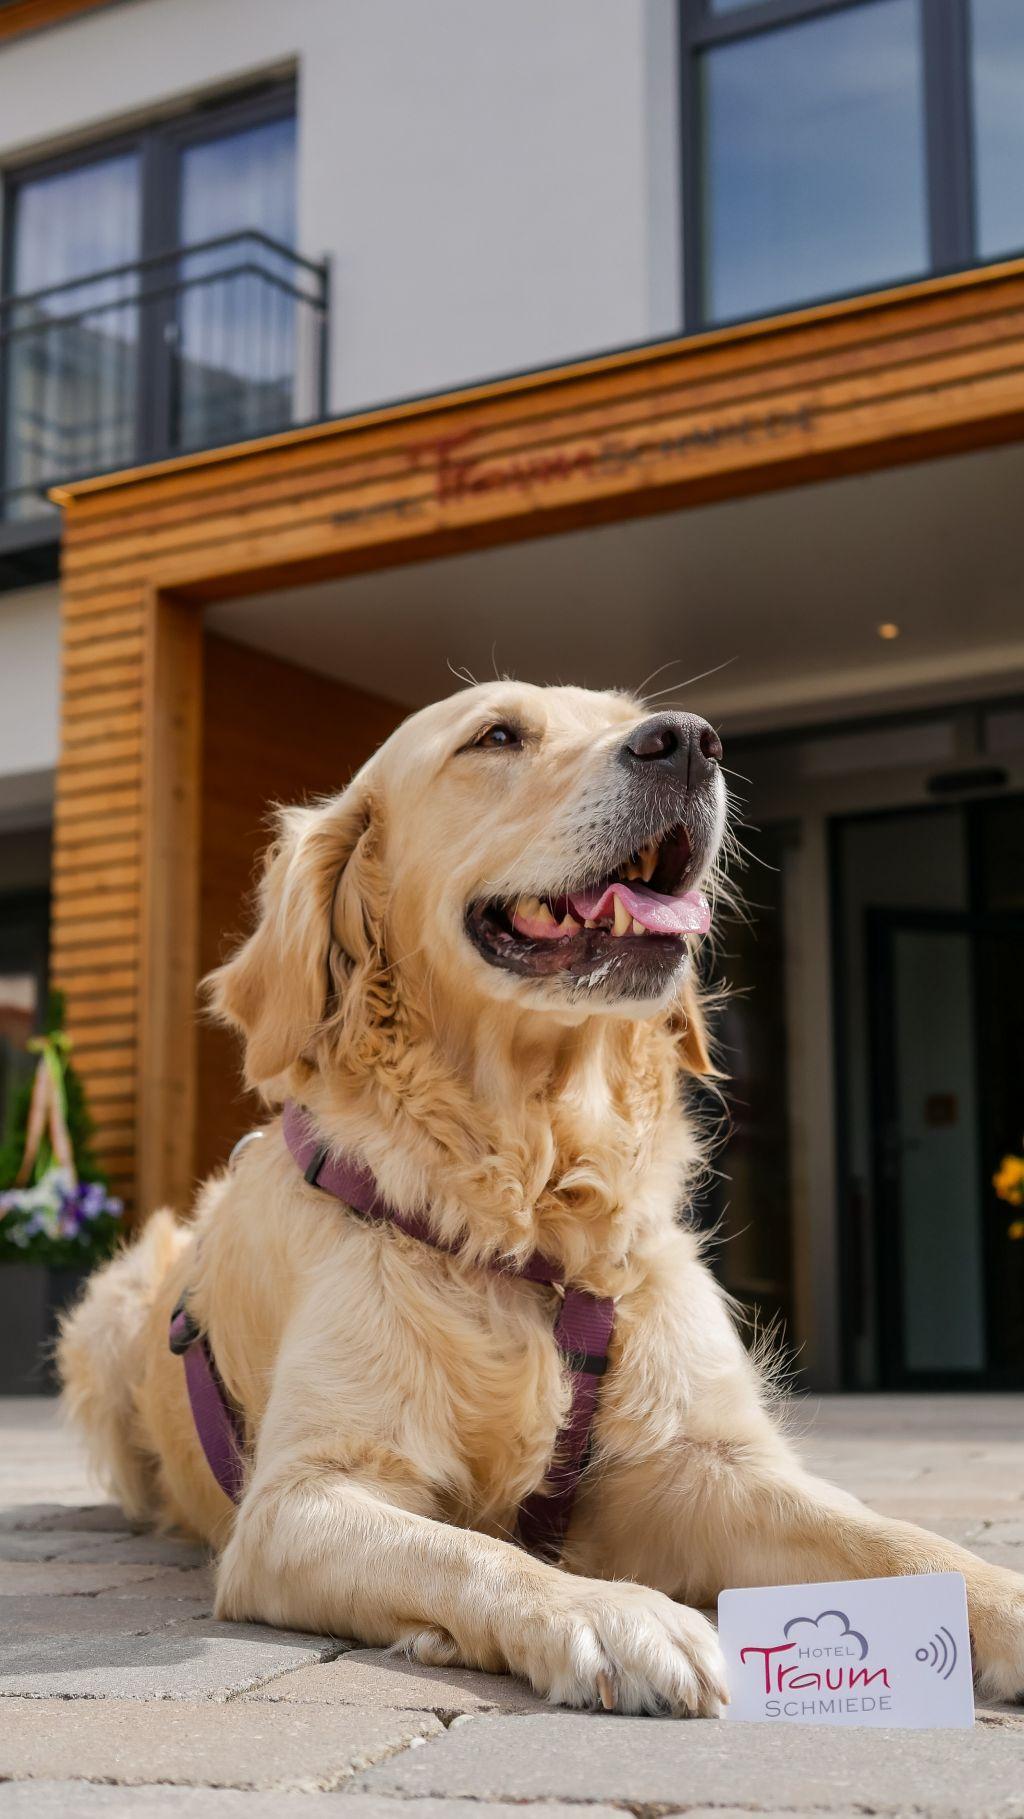 Urlaub mit Hund in der Traumschmiede (c) Veronika Fleischmann (Hotel Traumschmiede und Gasthof zur alten Schmiede)